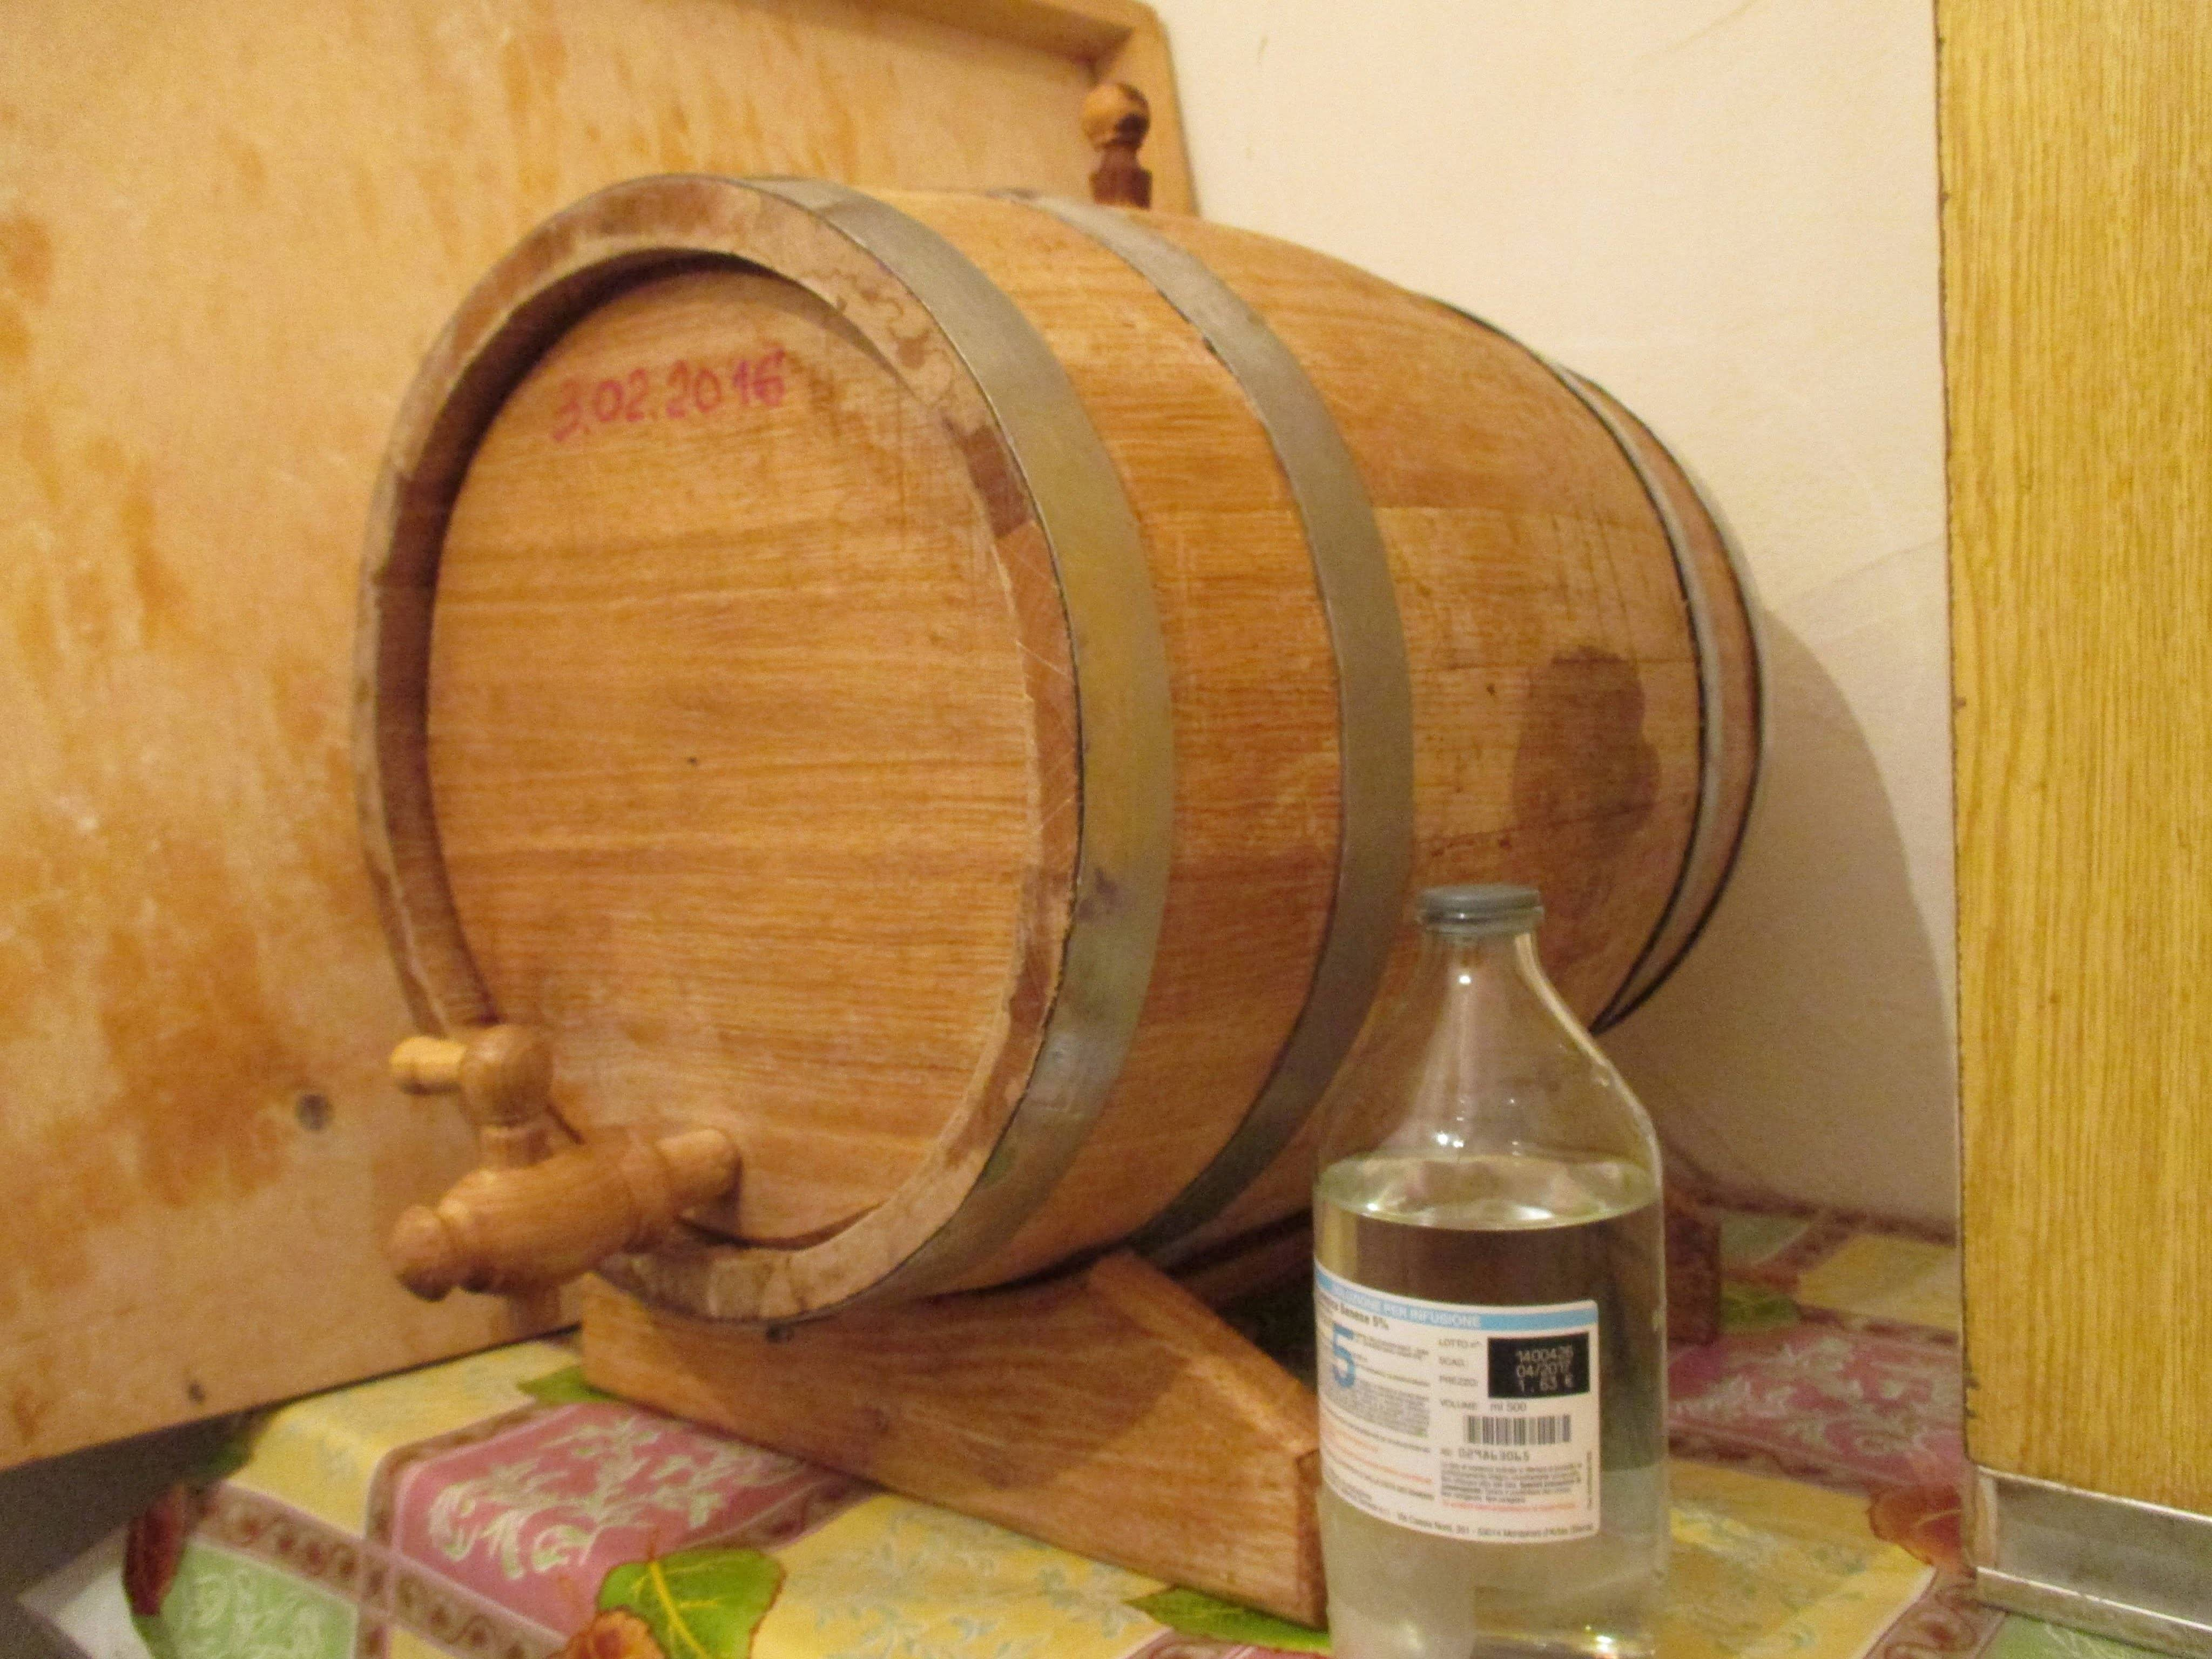 Готовим бочку под домашний виски. подготовка и самостоятельное изготовление дубовой бочки